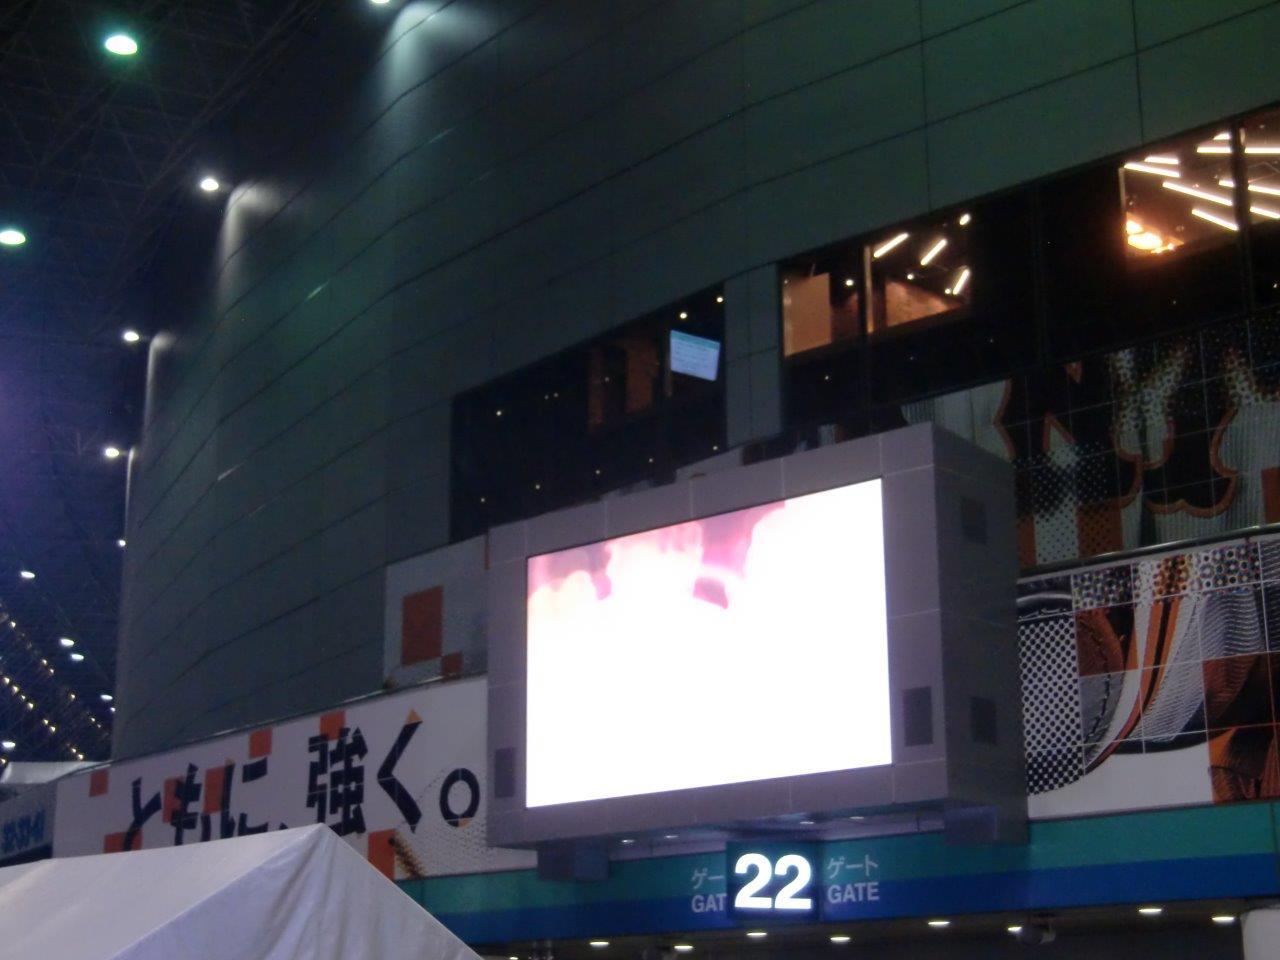 10/16(土)14時 読売巨人対広島 東京ドーム 2021年セ・リーグ公式戦の画像